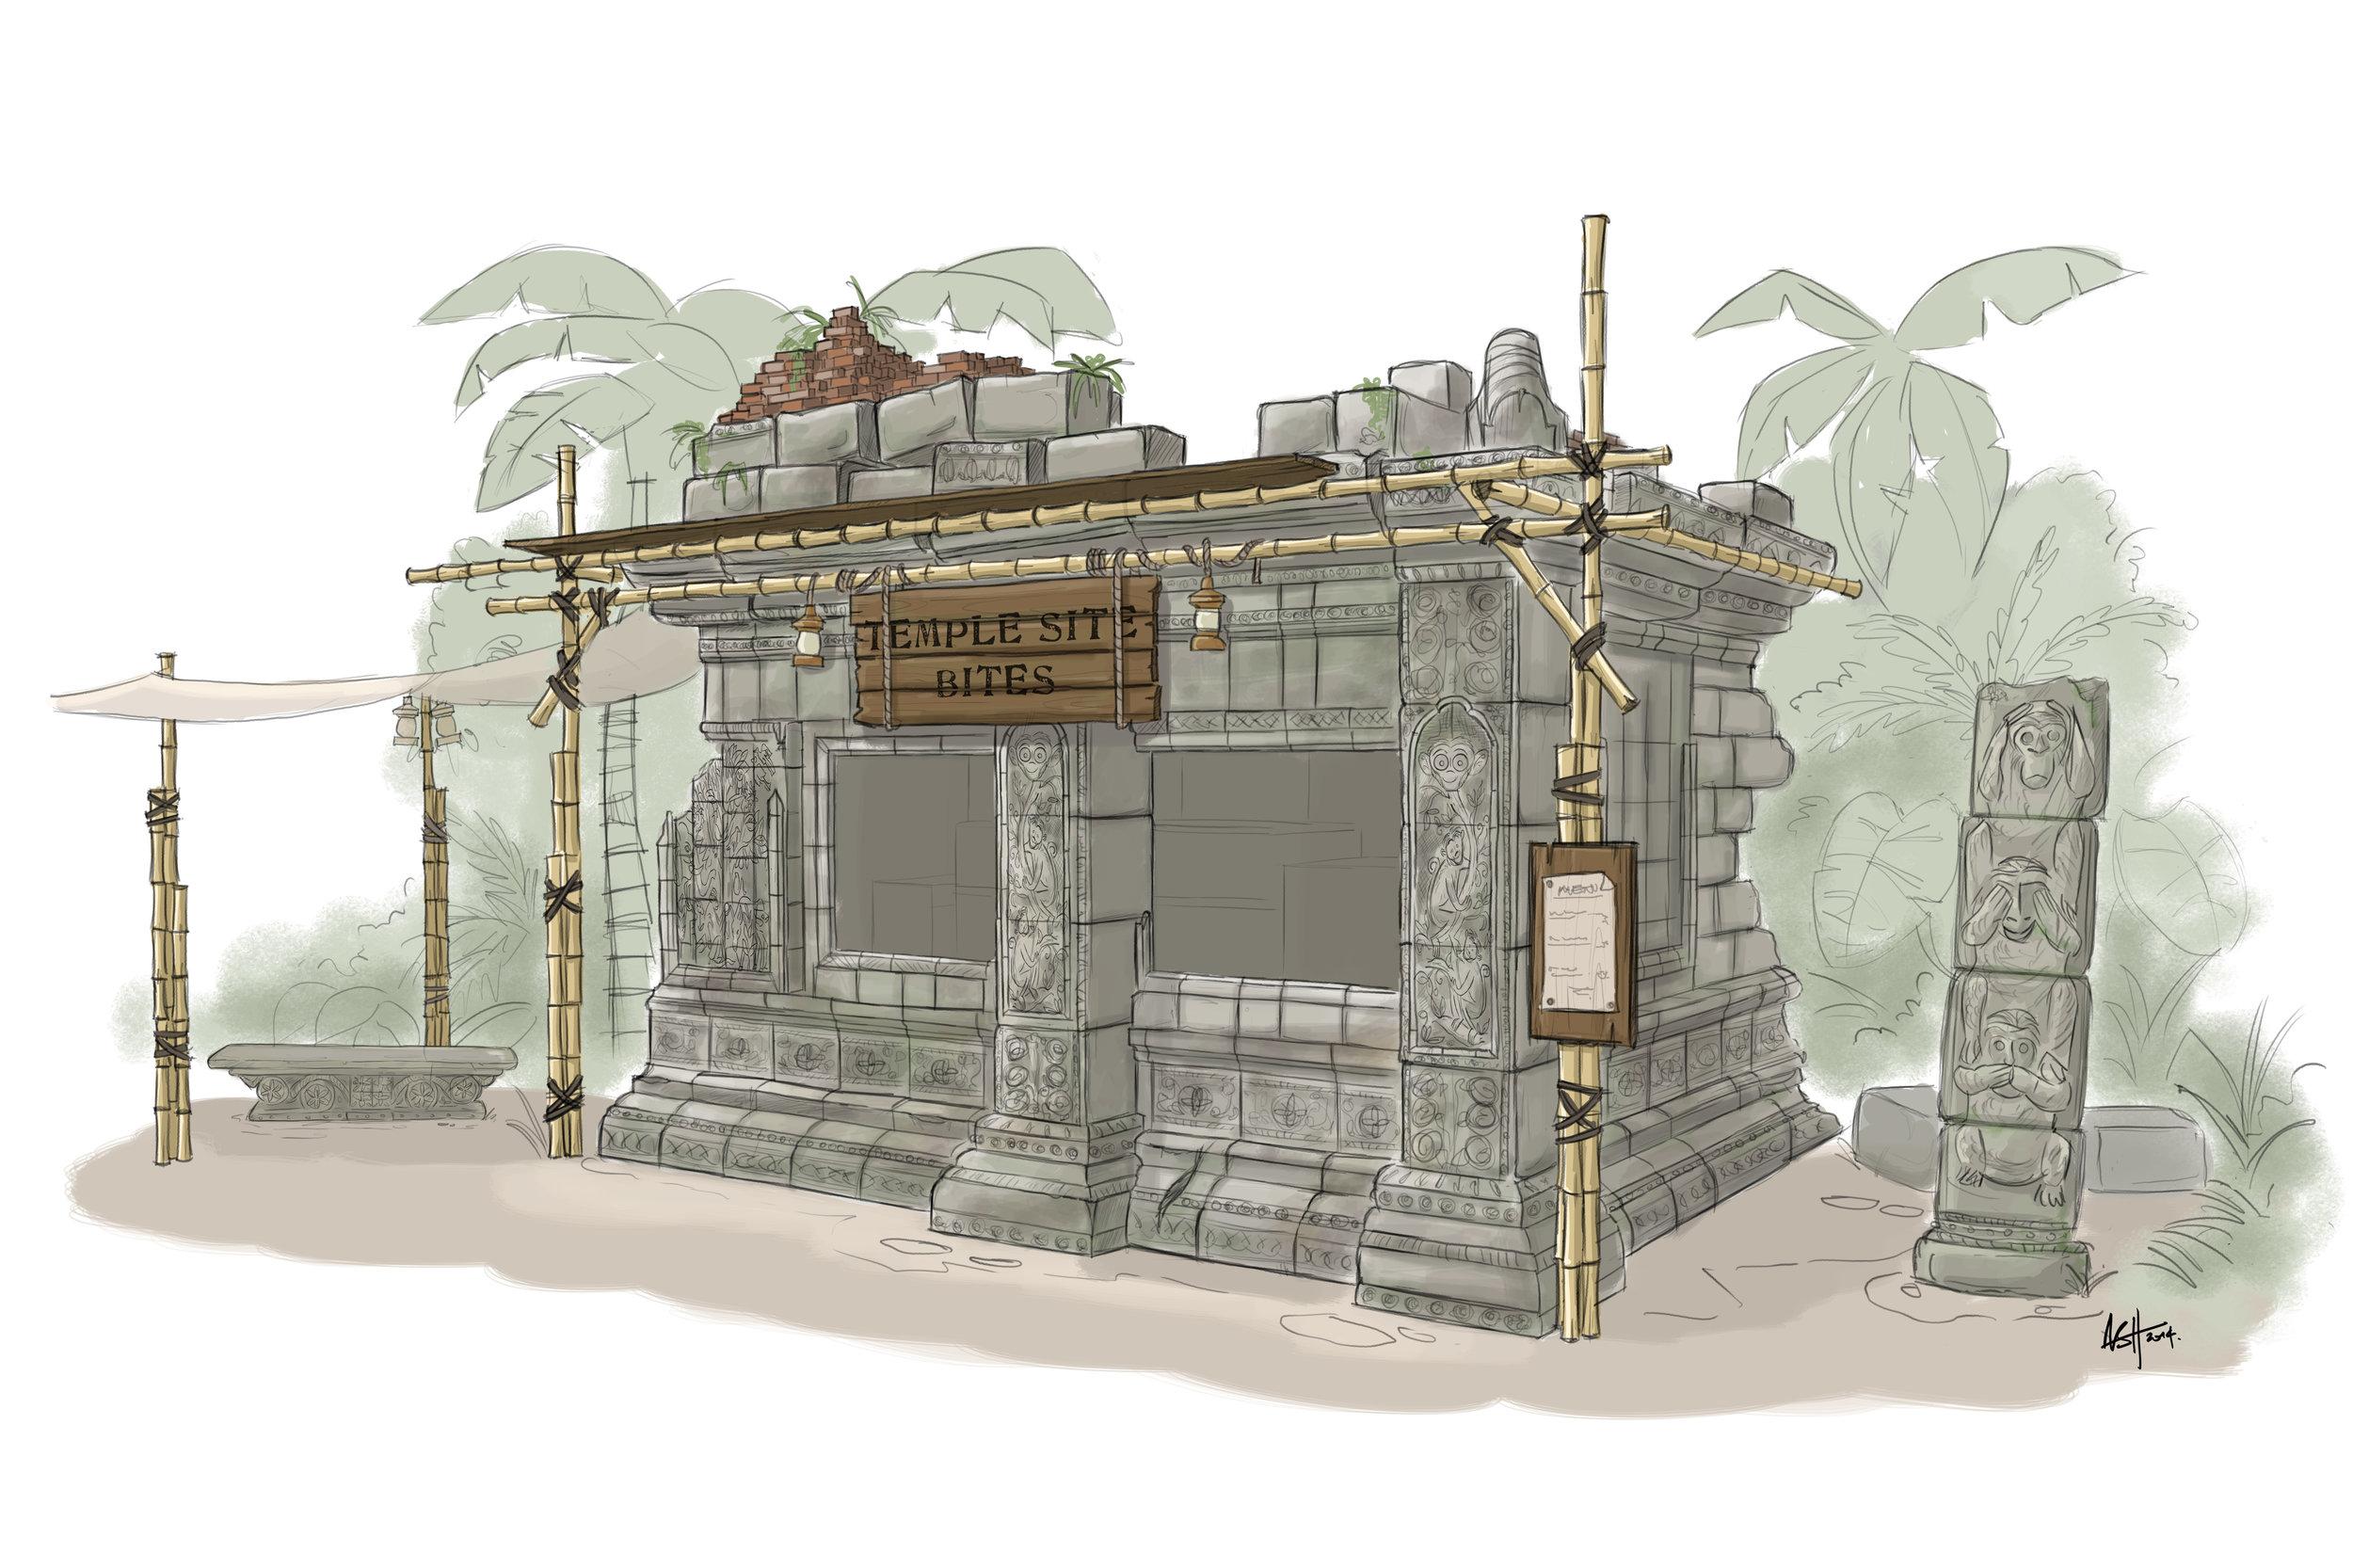 Temple Site Bites